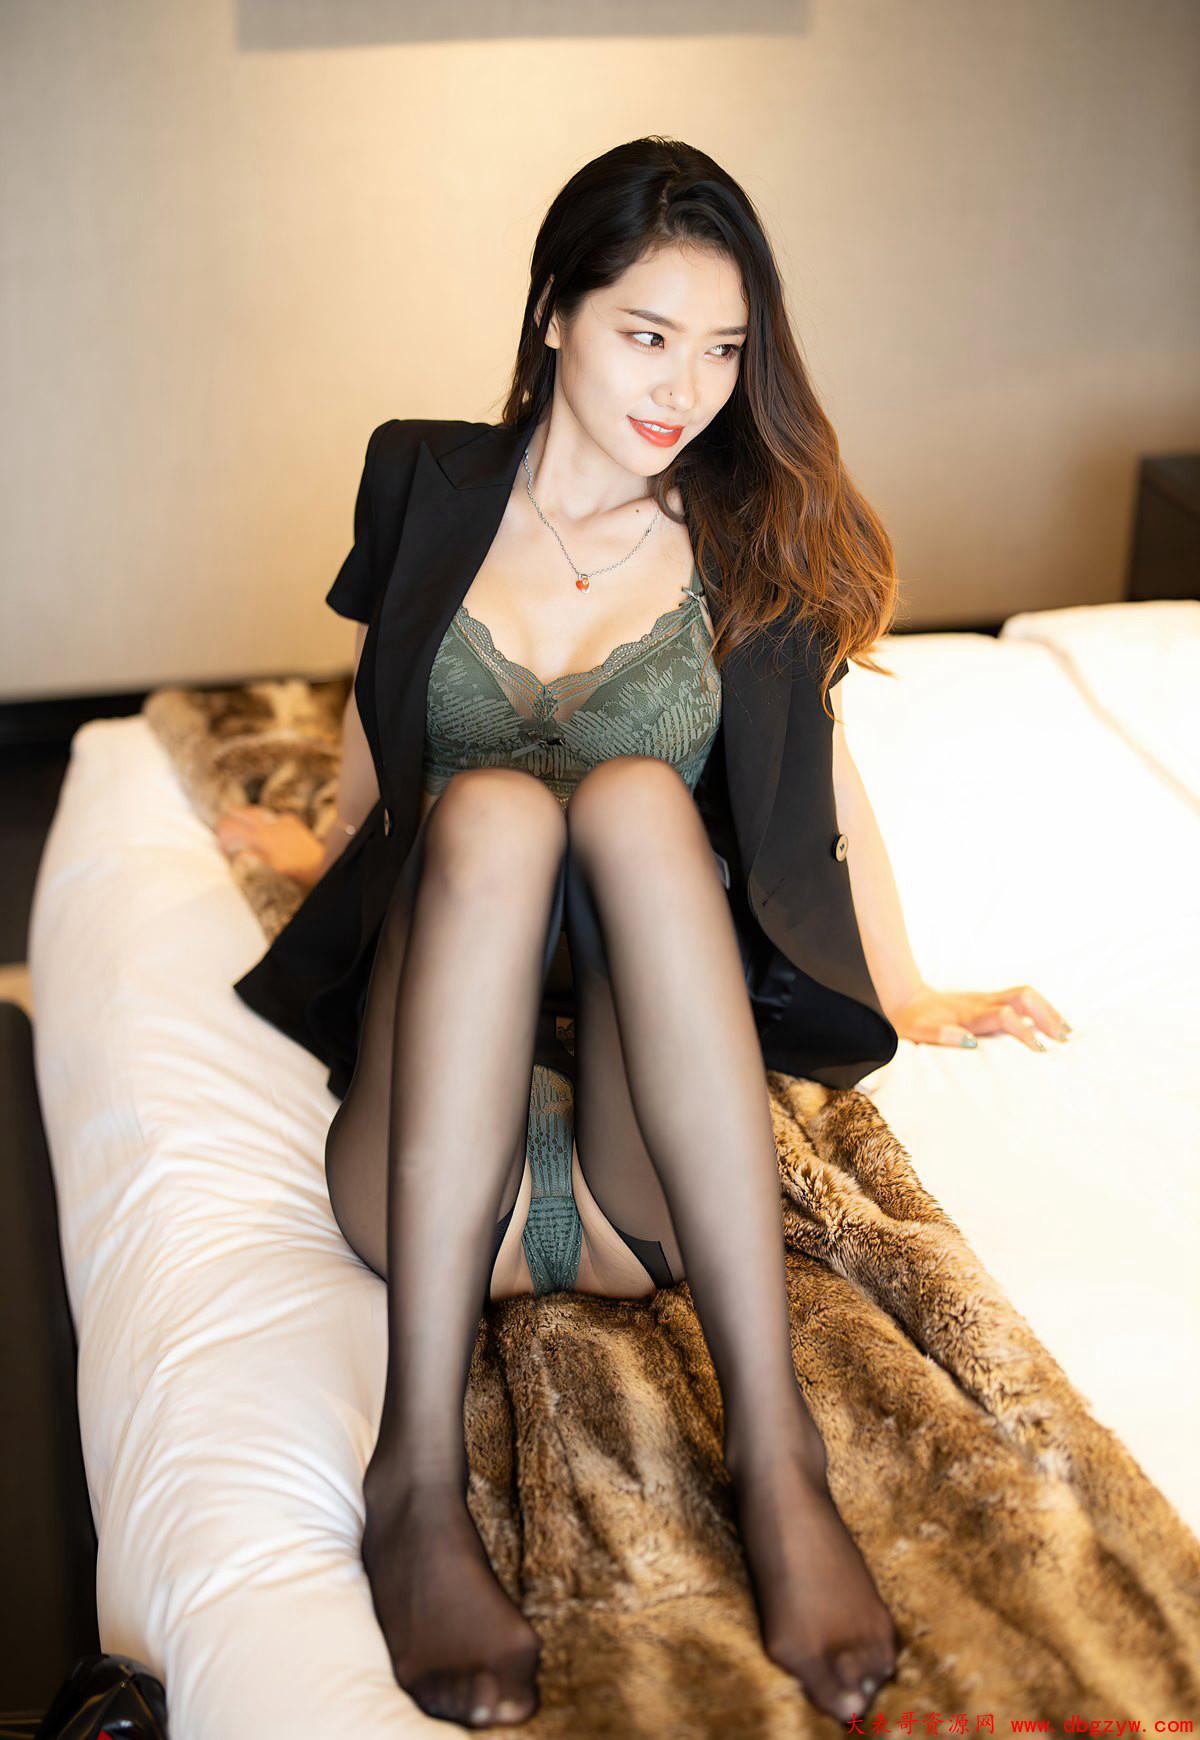 黑丝制服高跟极品玉足高清套图高级酒店风骚姿势